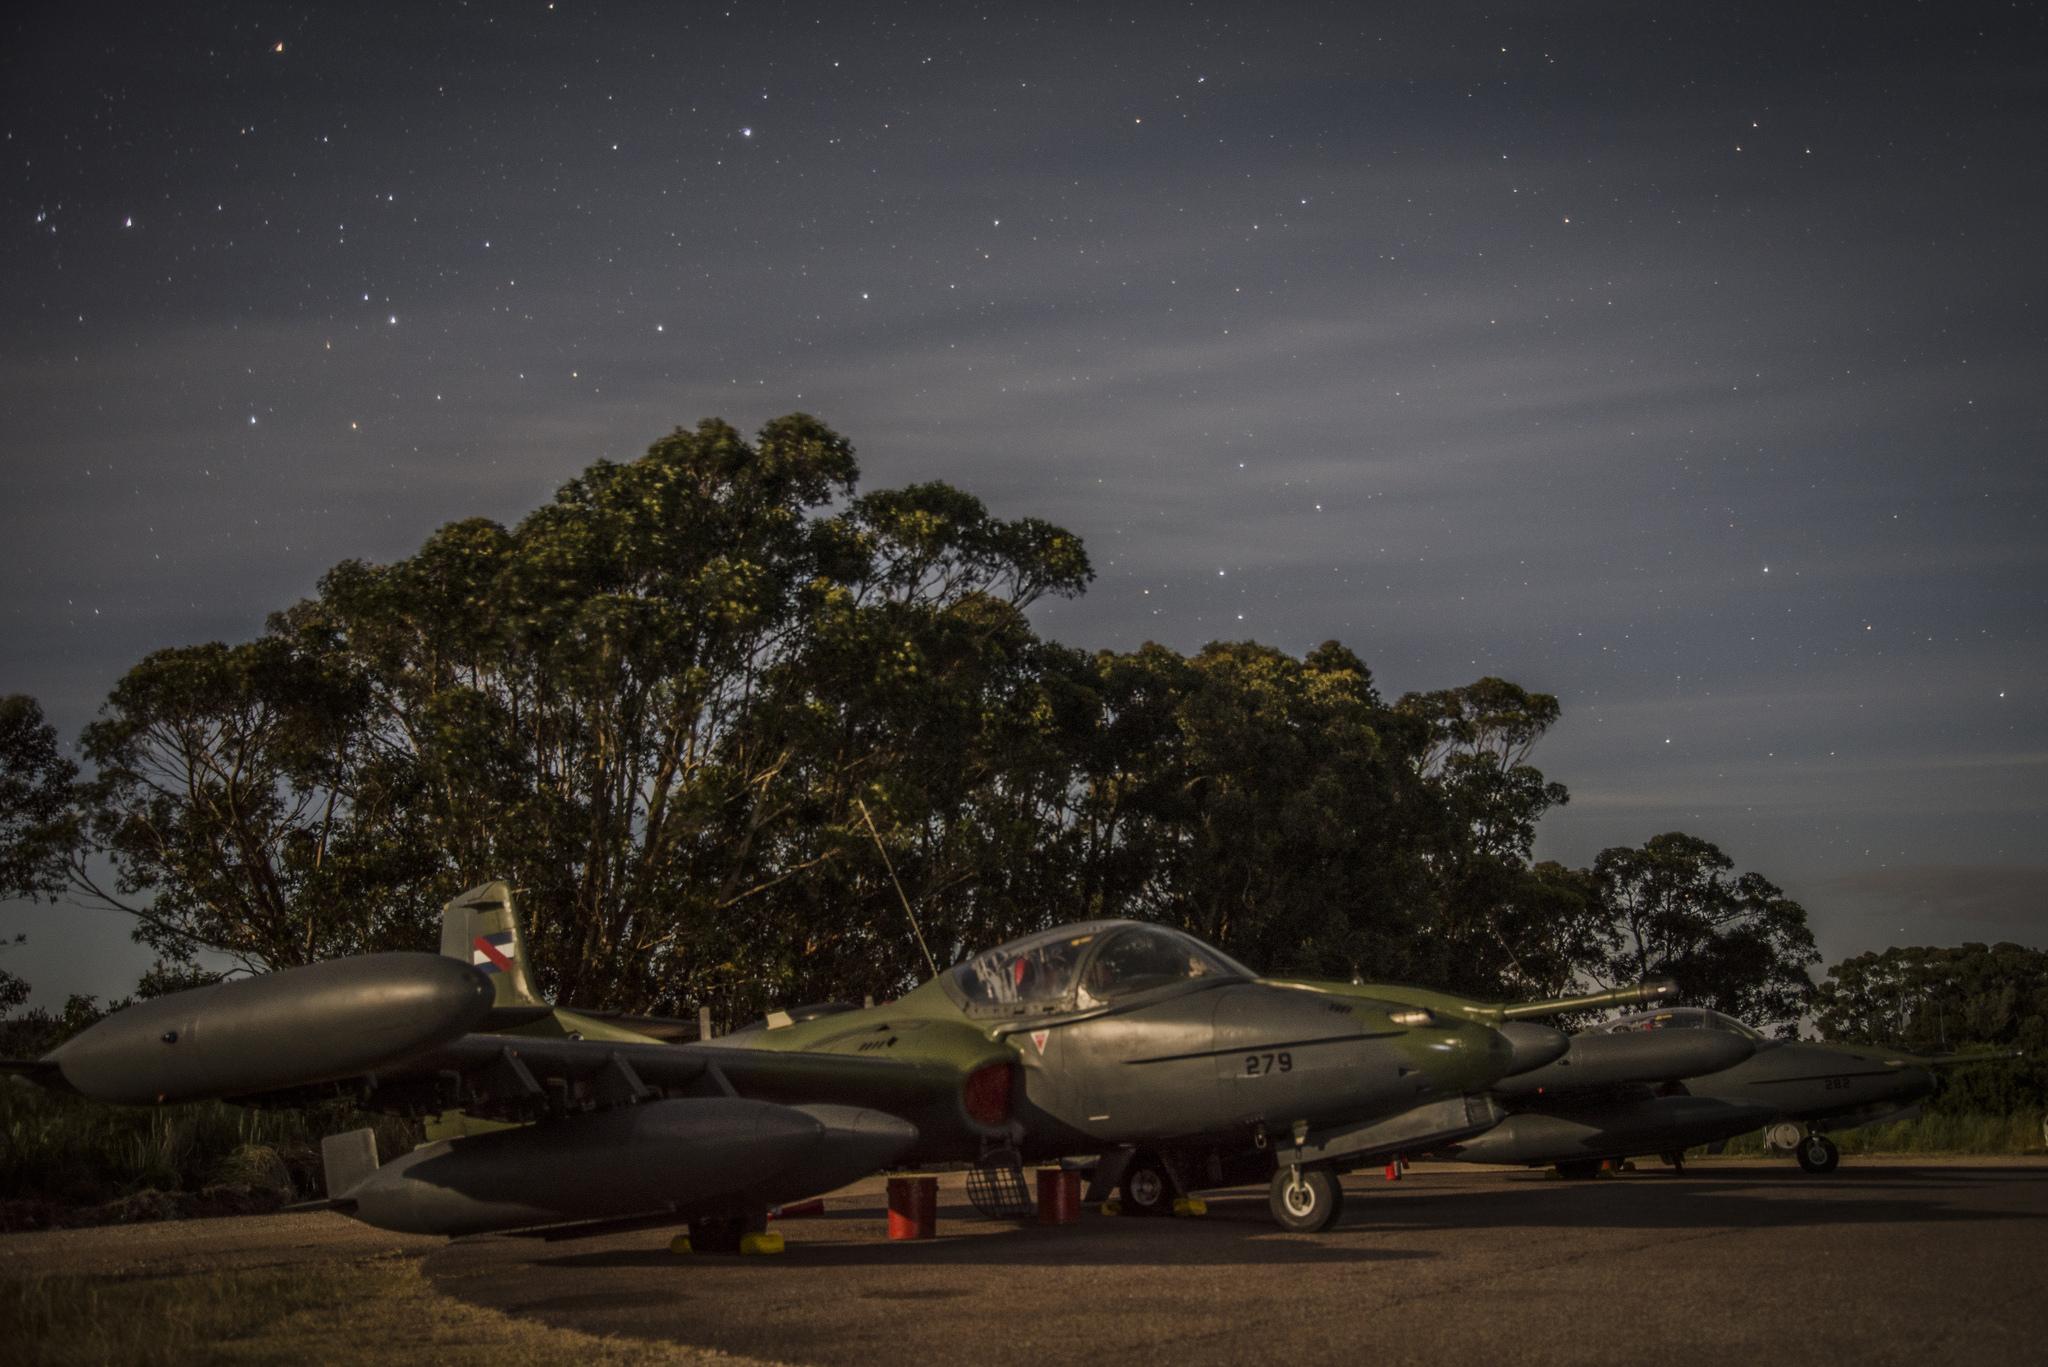 GALERIA: Quase toda a Aviação de Caça do Uruguai (dois Cessnas A-37B) está na rodovia! (Um exercício para testar a habilidade dos pilotos e o preparo das equipes de manutenção…)